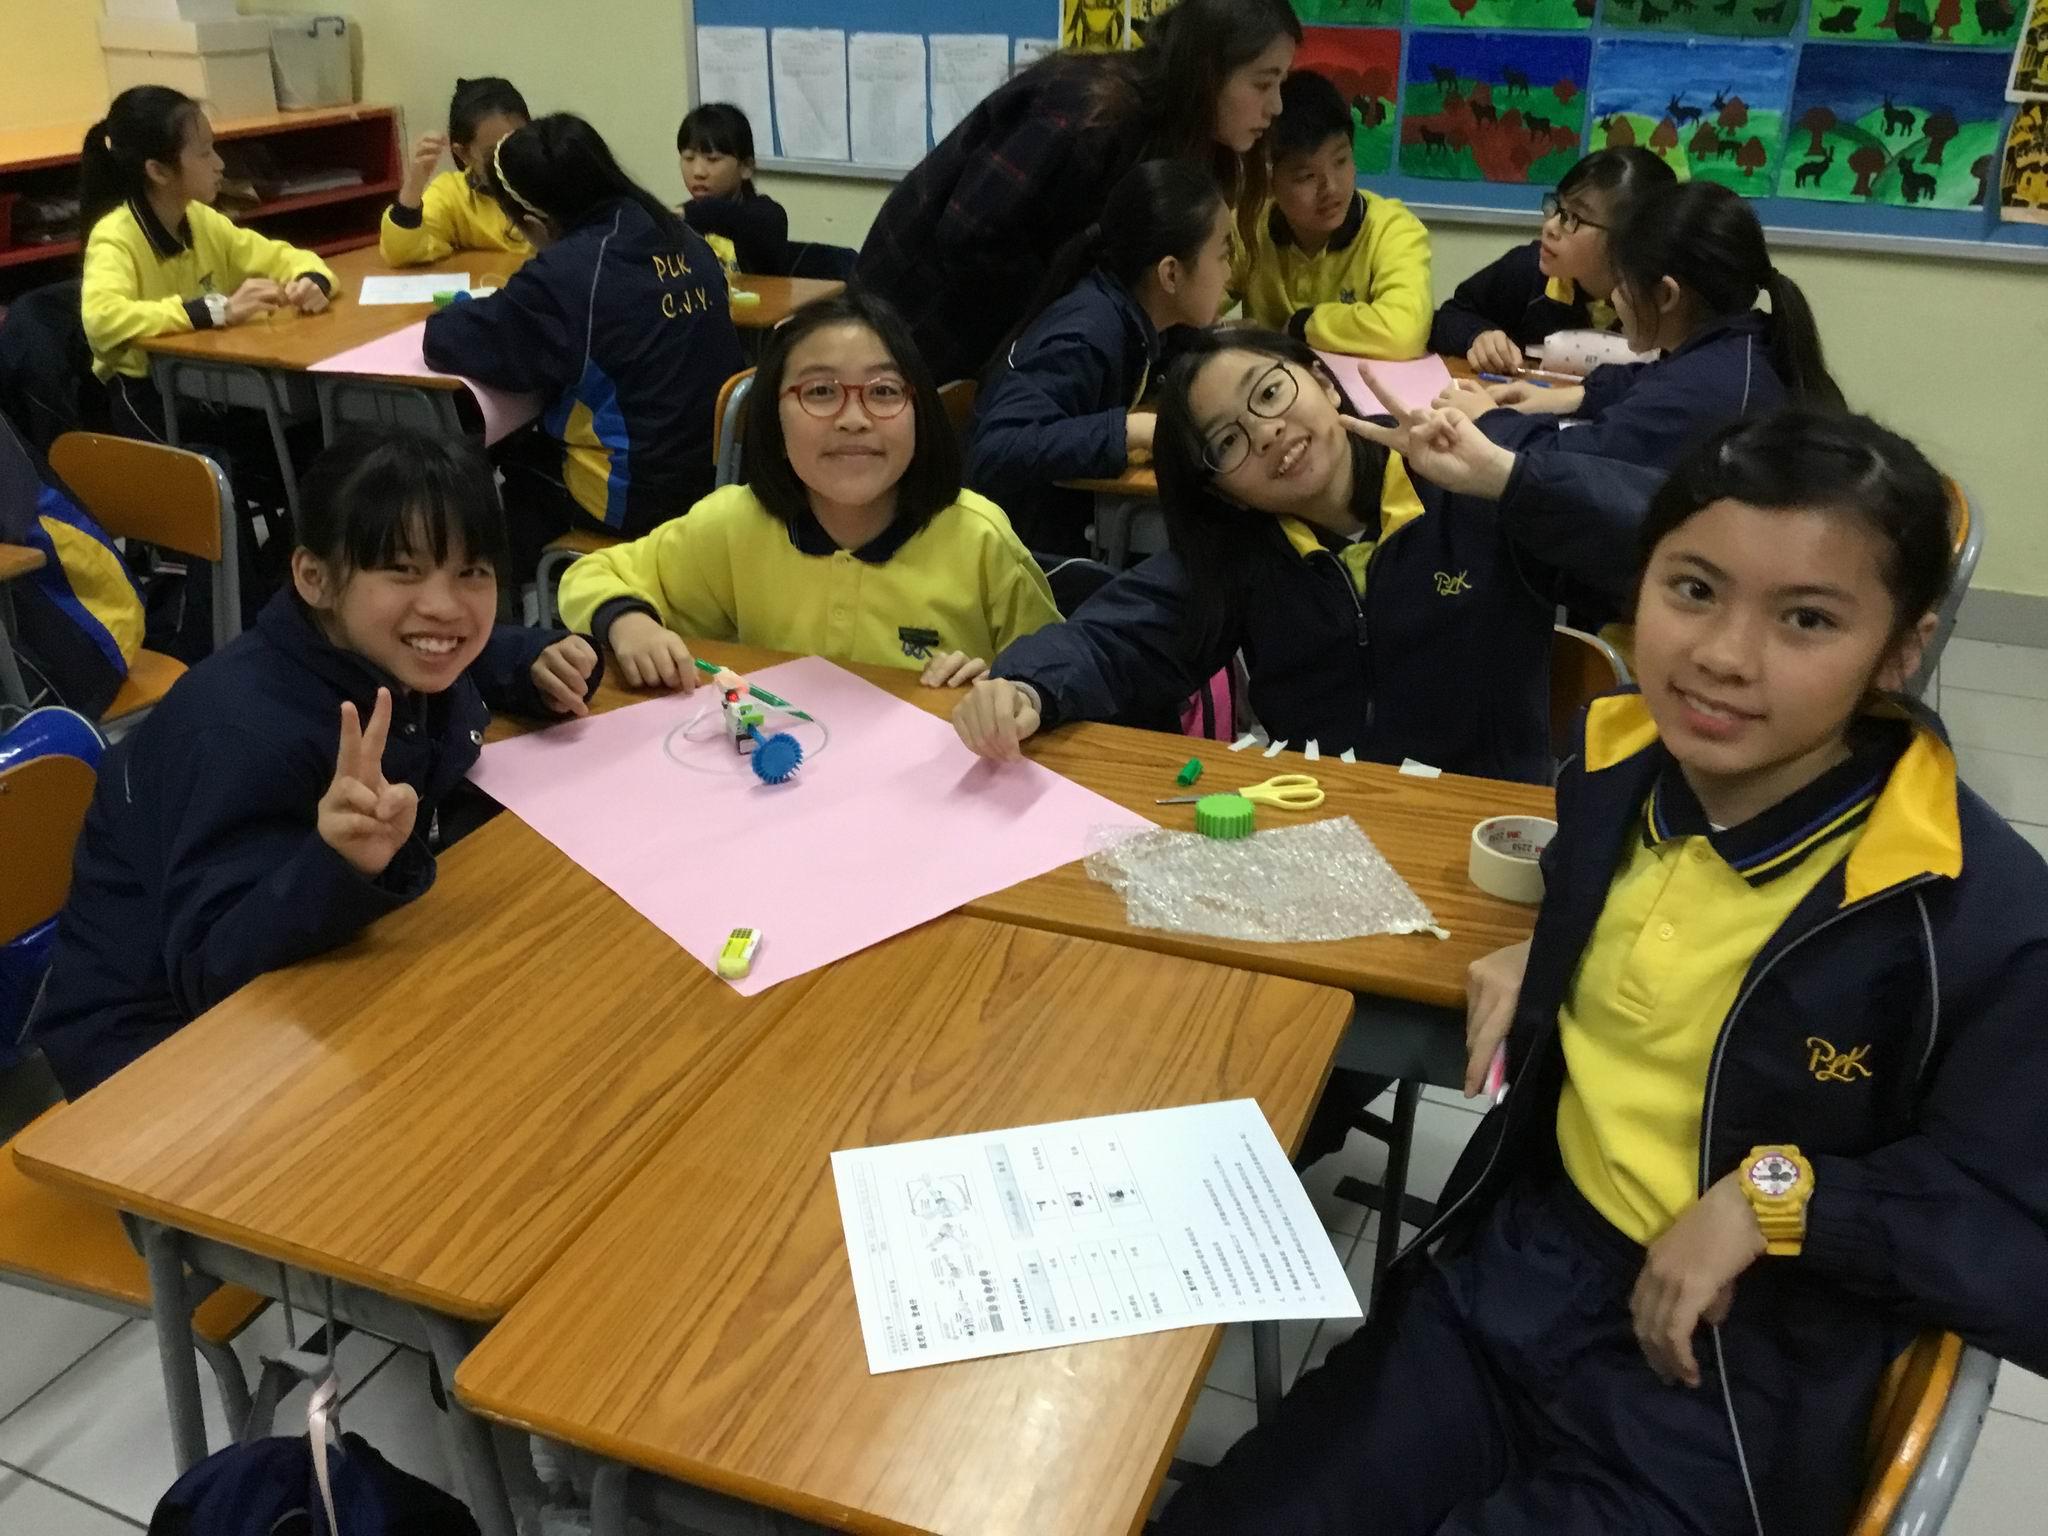 https://plkcjy.edu.hk/sites/default/files/diao_zheng_da_xiao_img_0915.jpg